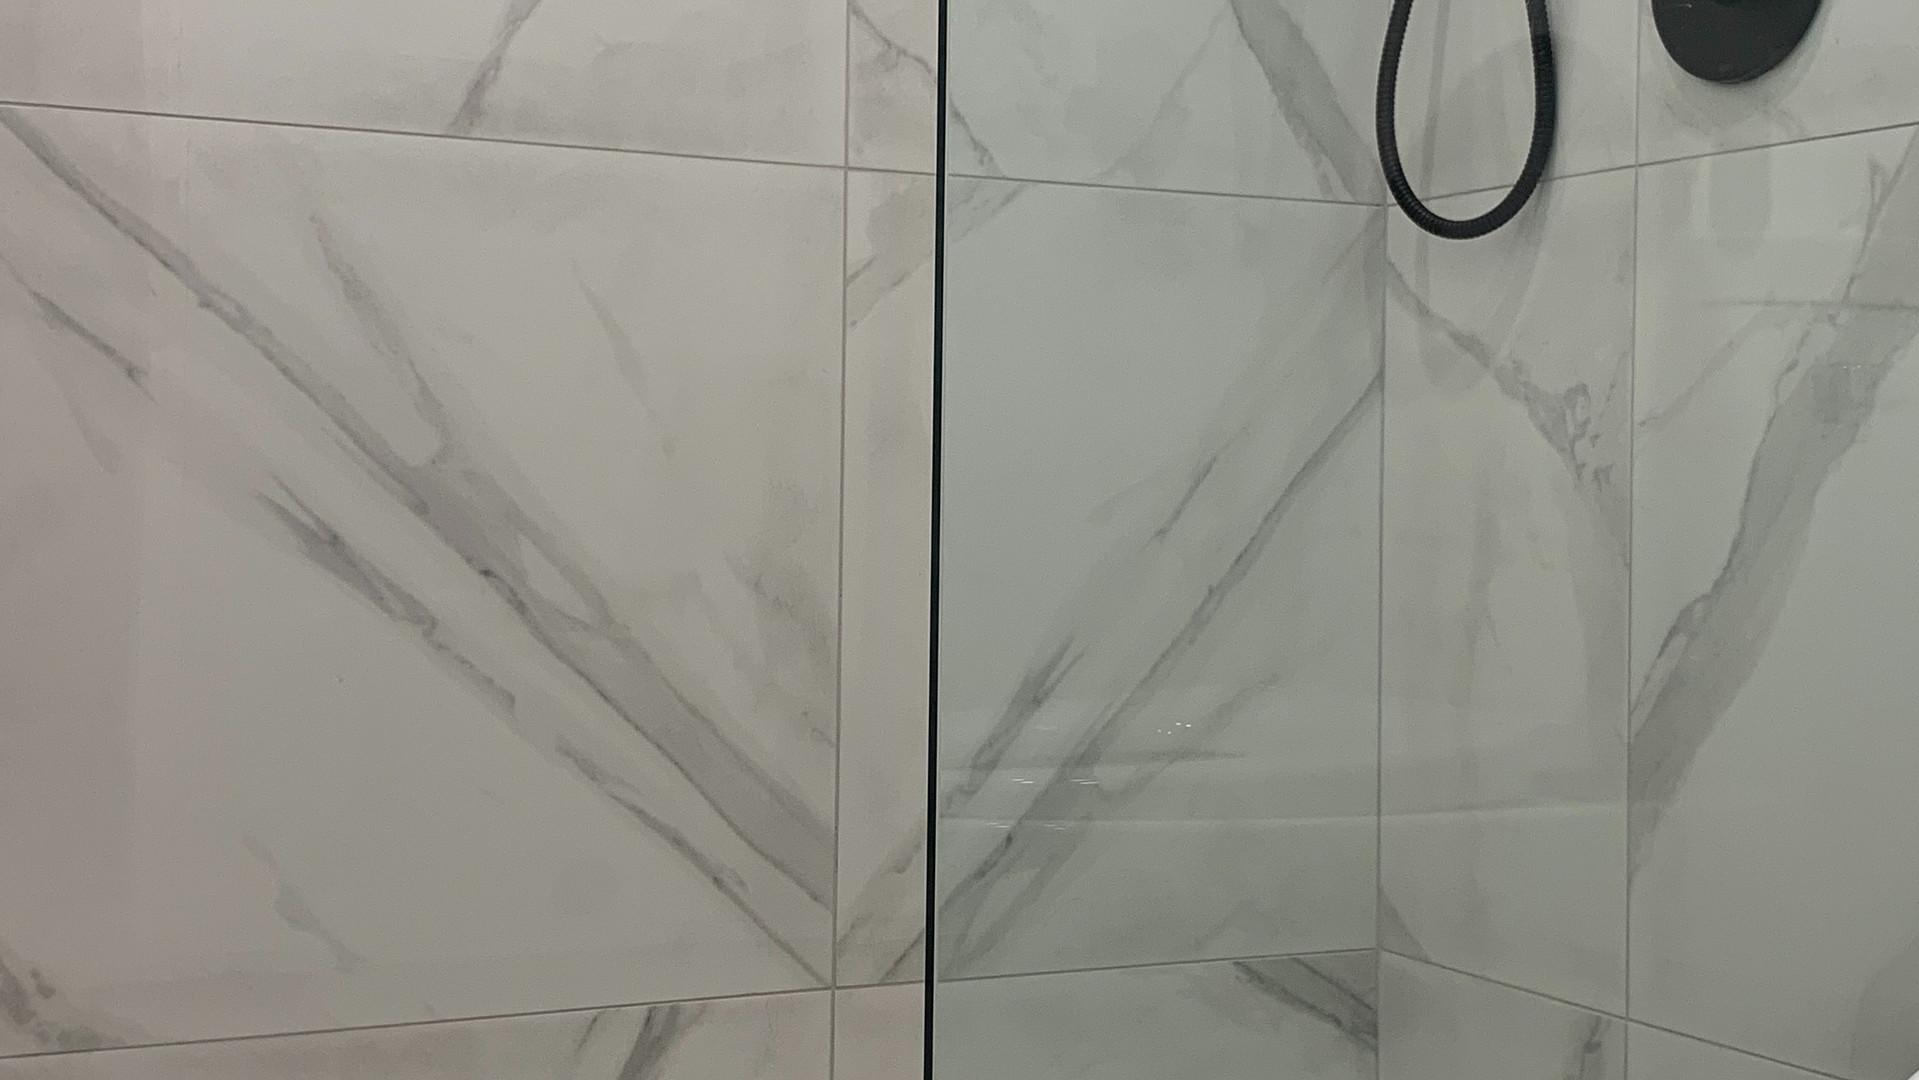 Bath 2 - Craftsmanship